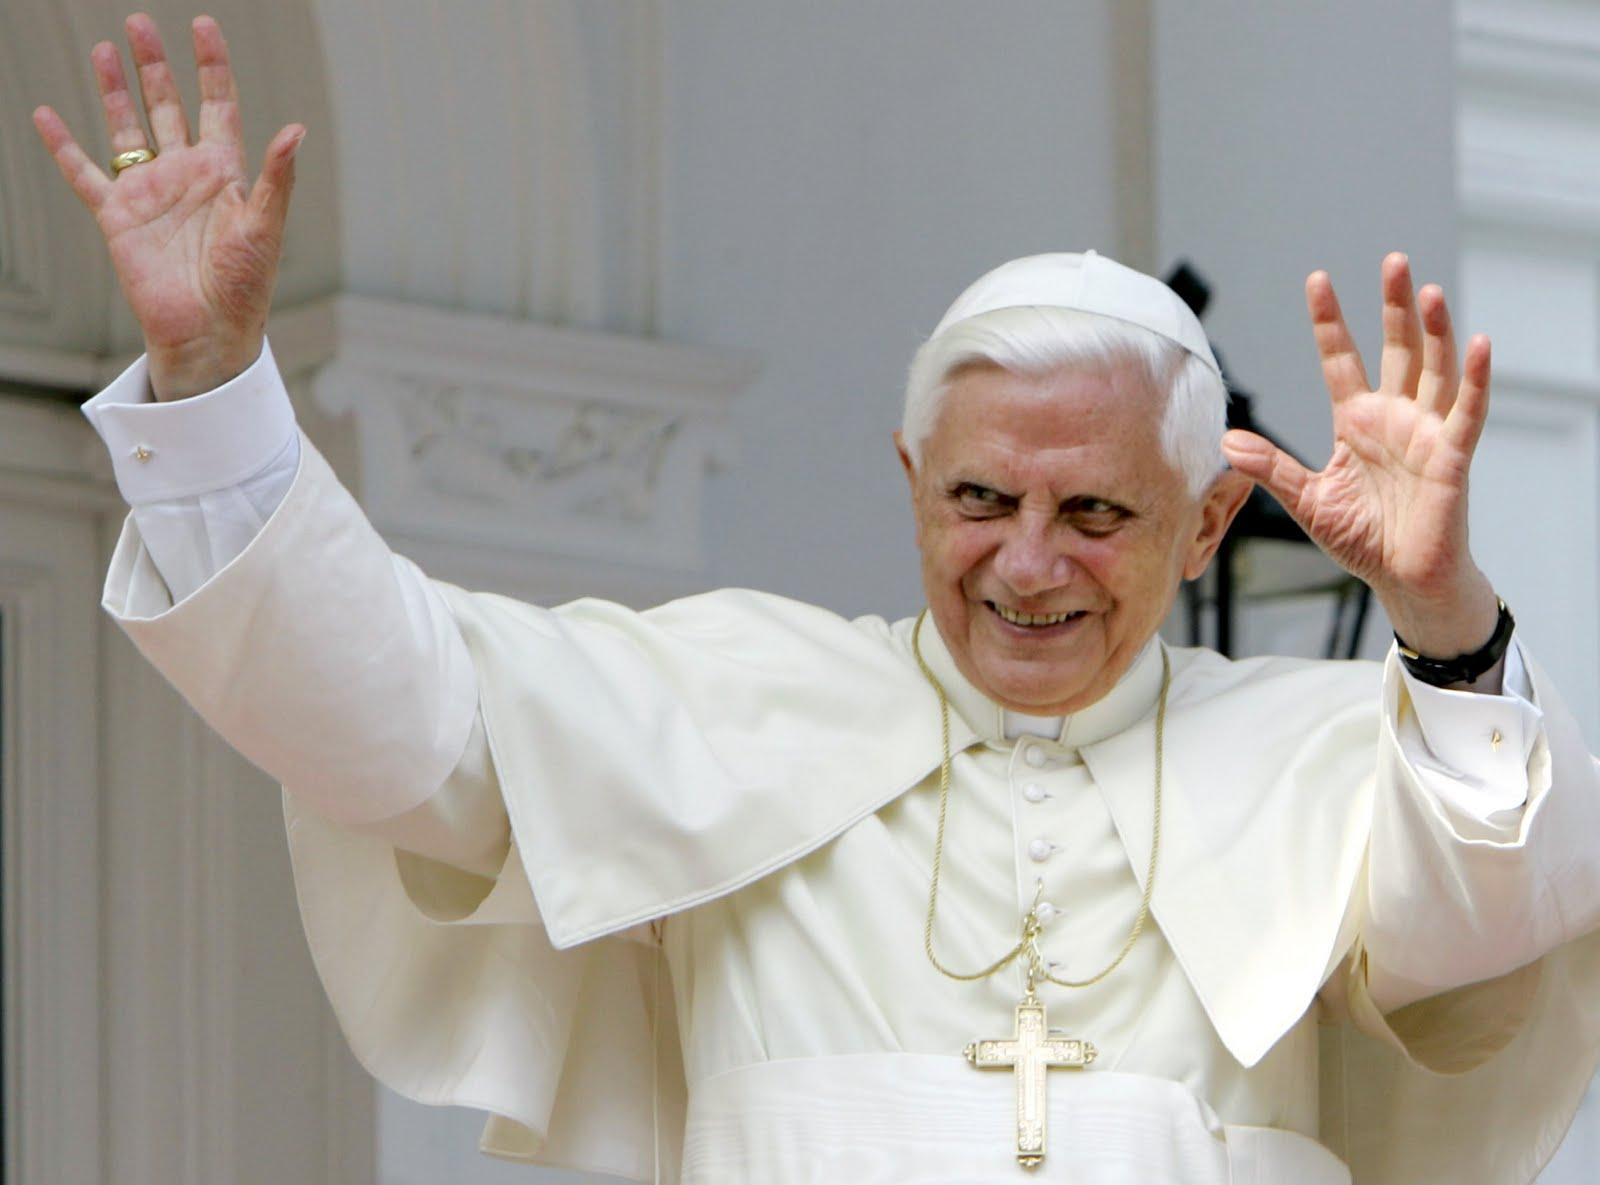 Benoît XVI redeviendra Joseph Ratzinger le 28 février 2013.